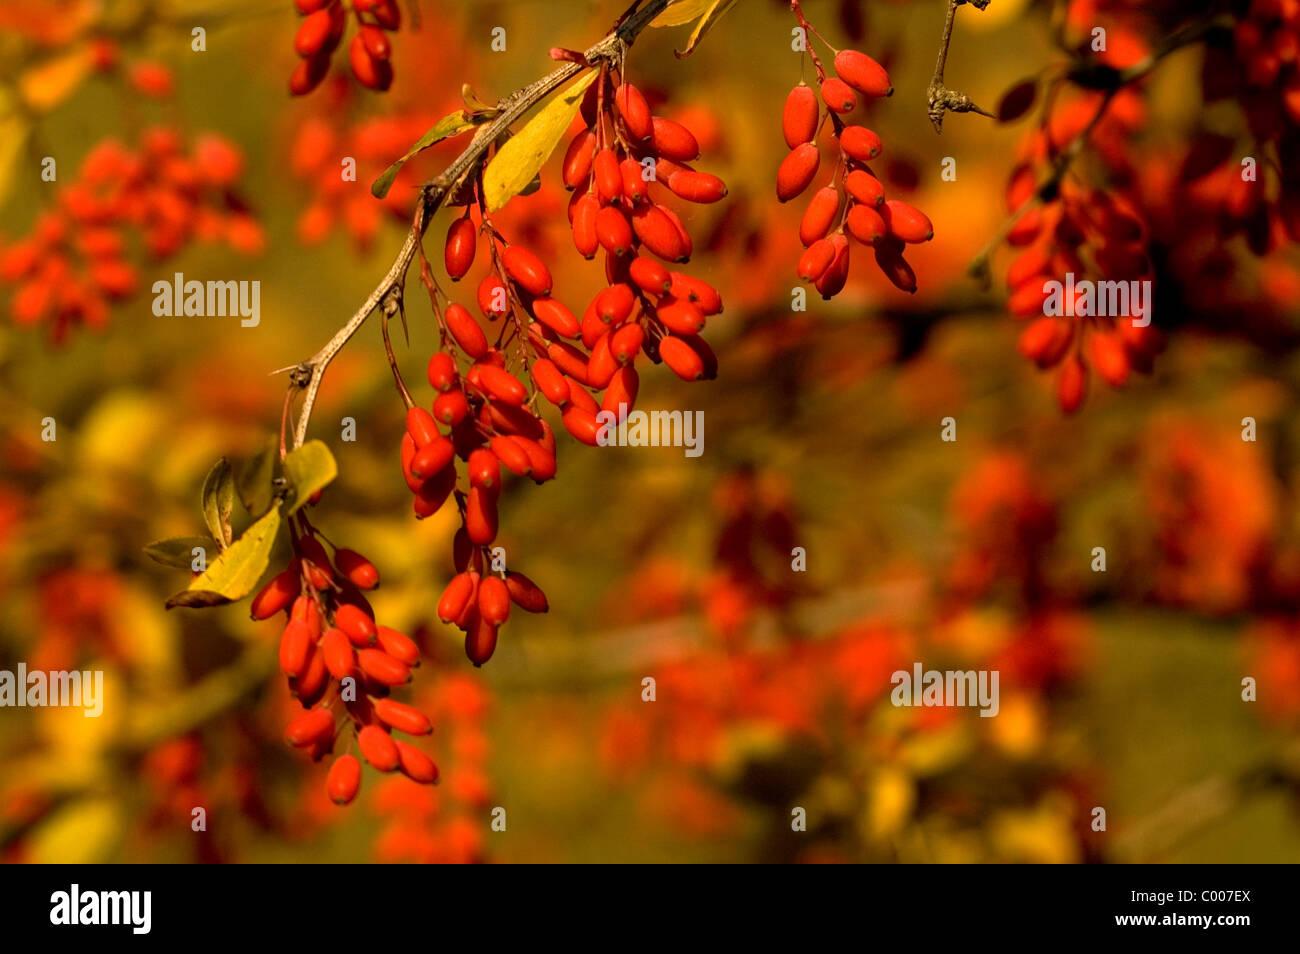 Sauerdorn, gewoehnliche Berberitze, Berberis vulgaris, Crespino, ittero berry, Ostalbkreis, Deutschland, Germania Immagini Stock